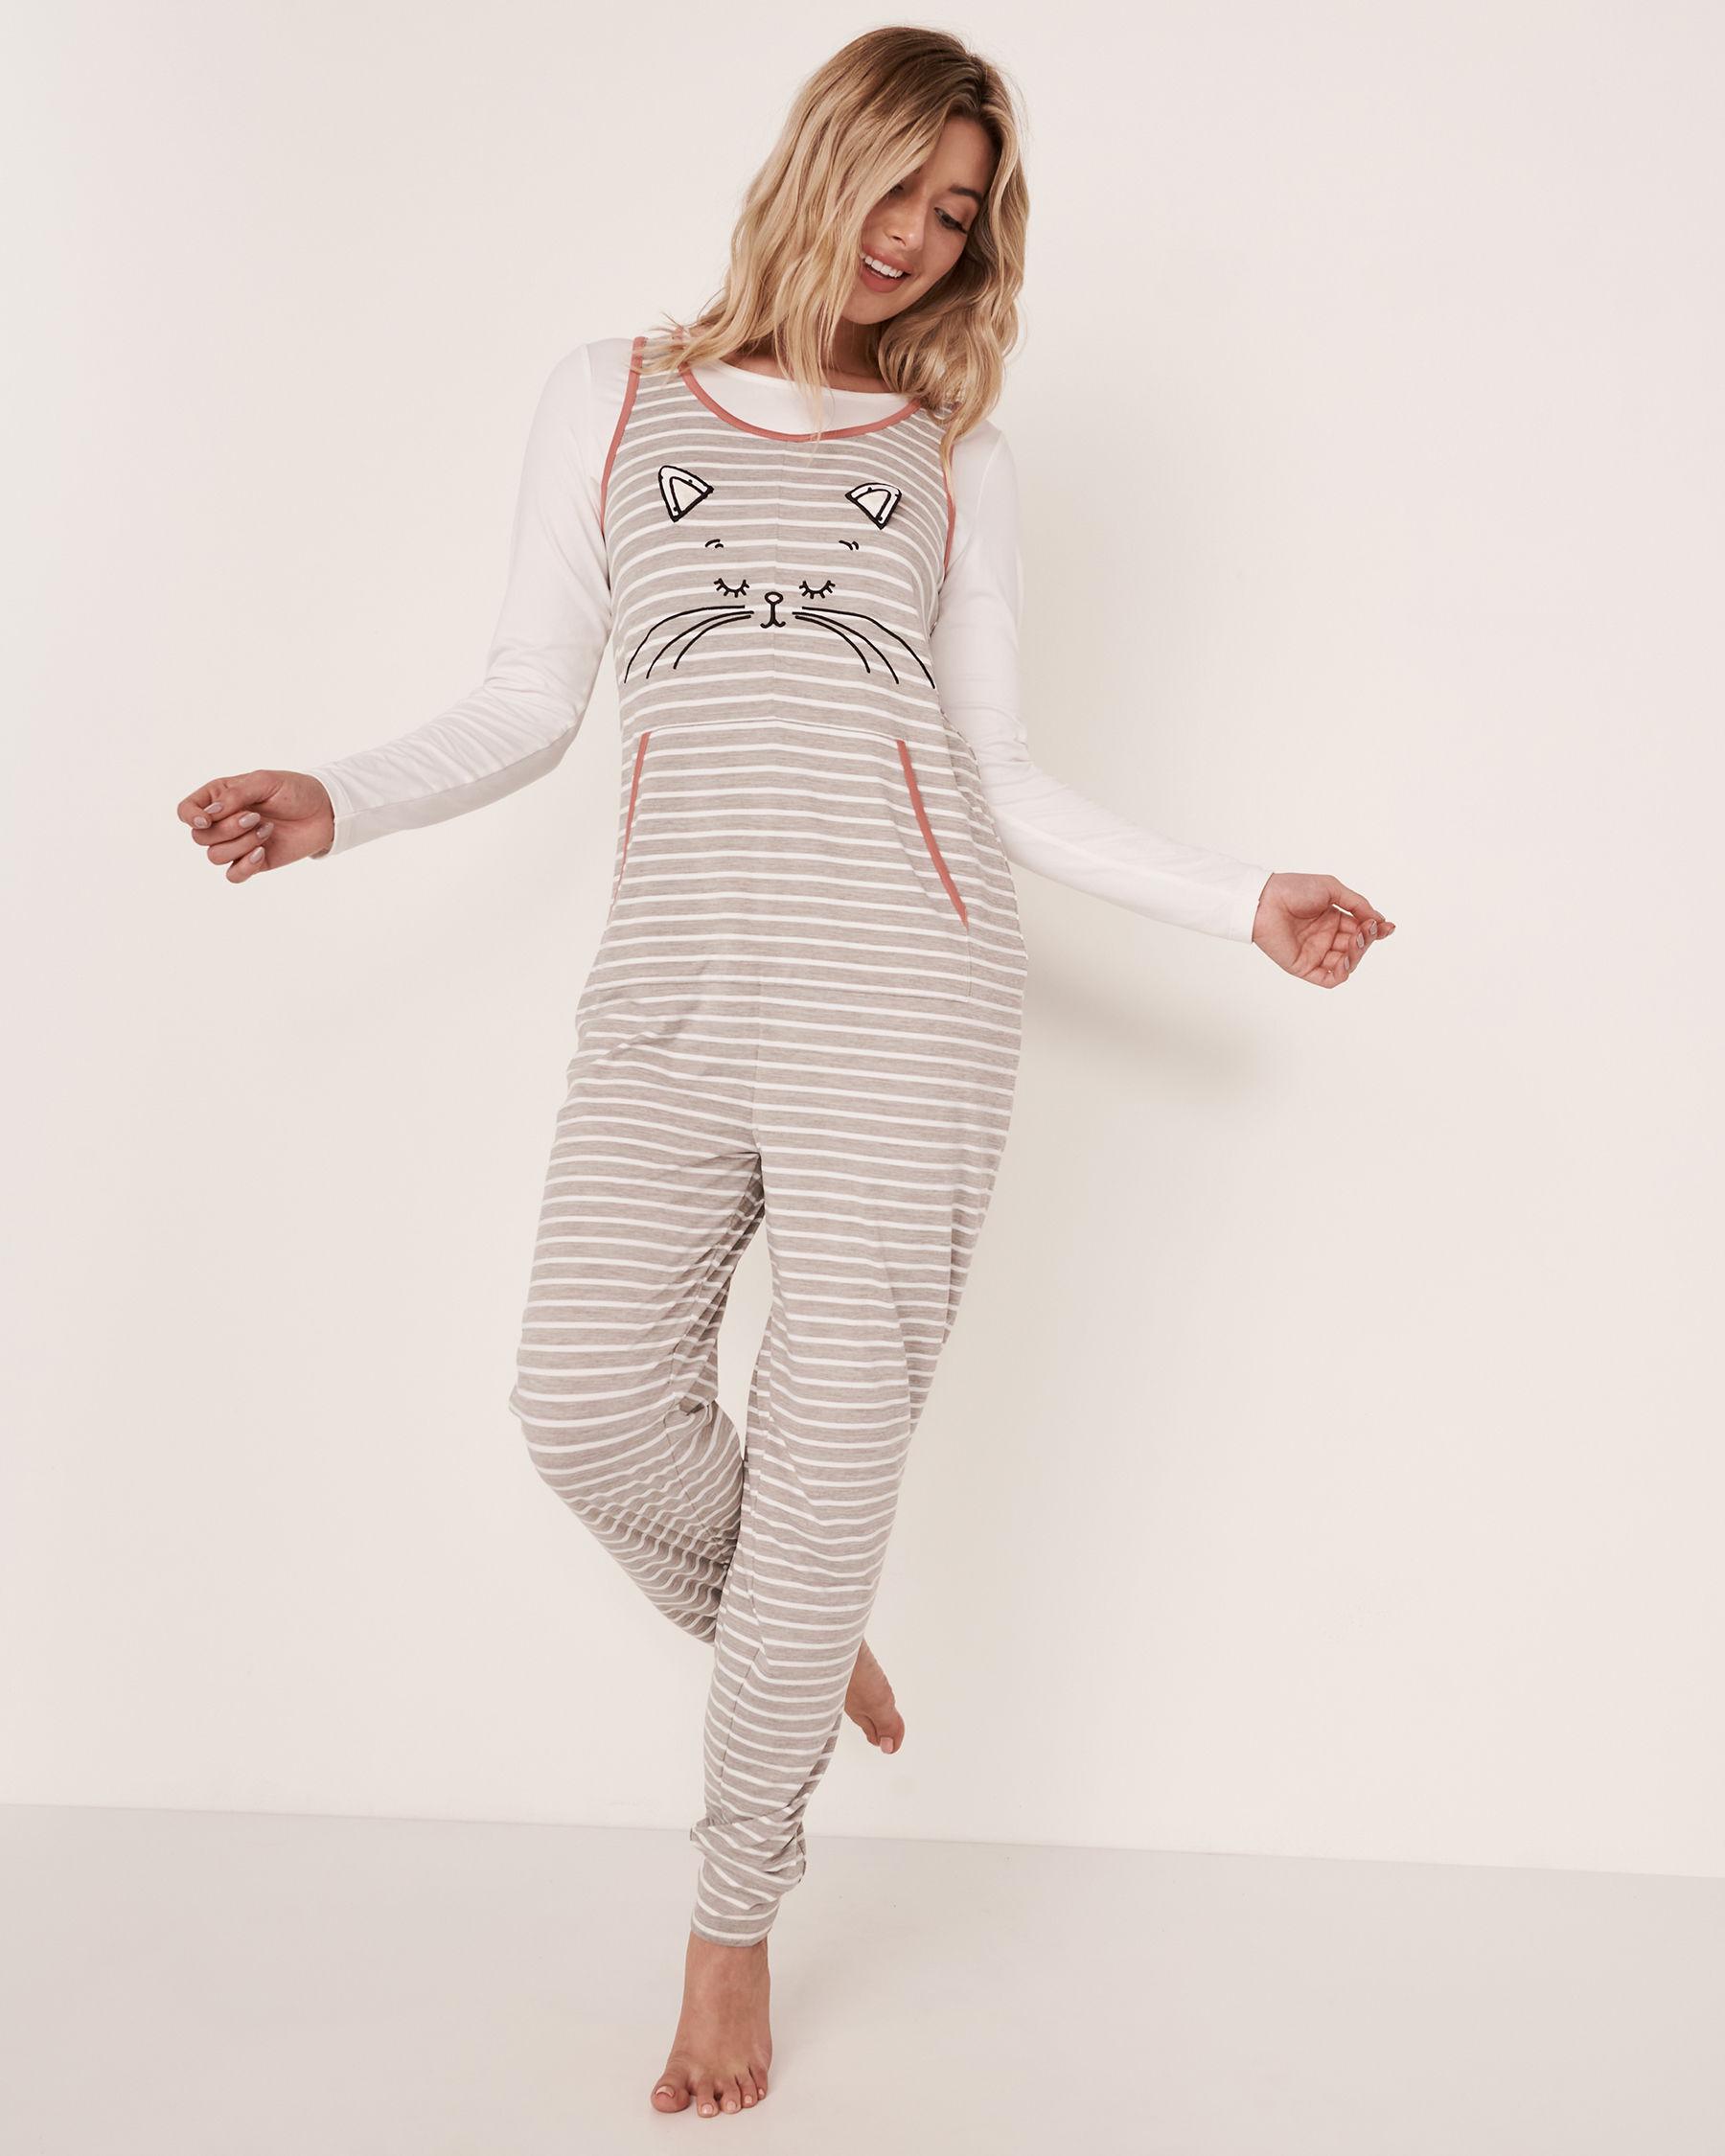 LA VIE EN ROSE 3D Cat Sleeveless Jumpsuit Grey 40300022 - View2